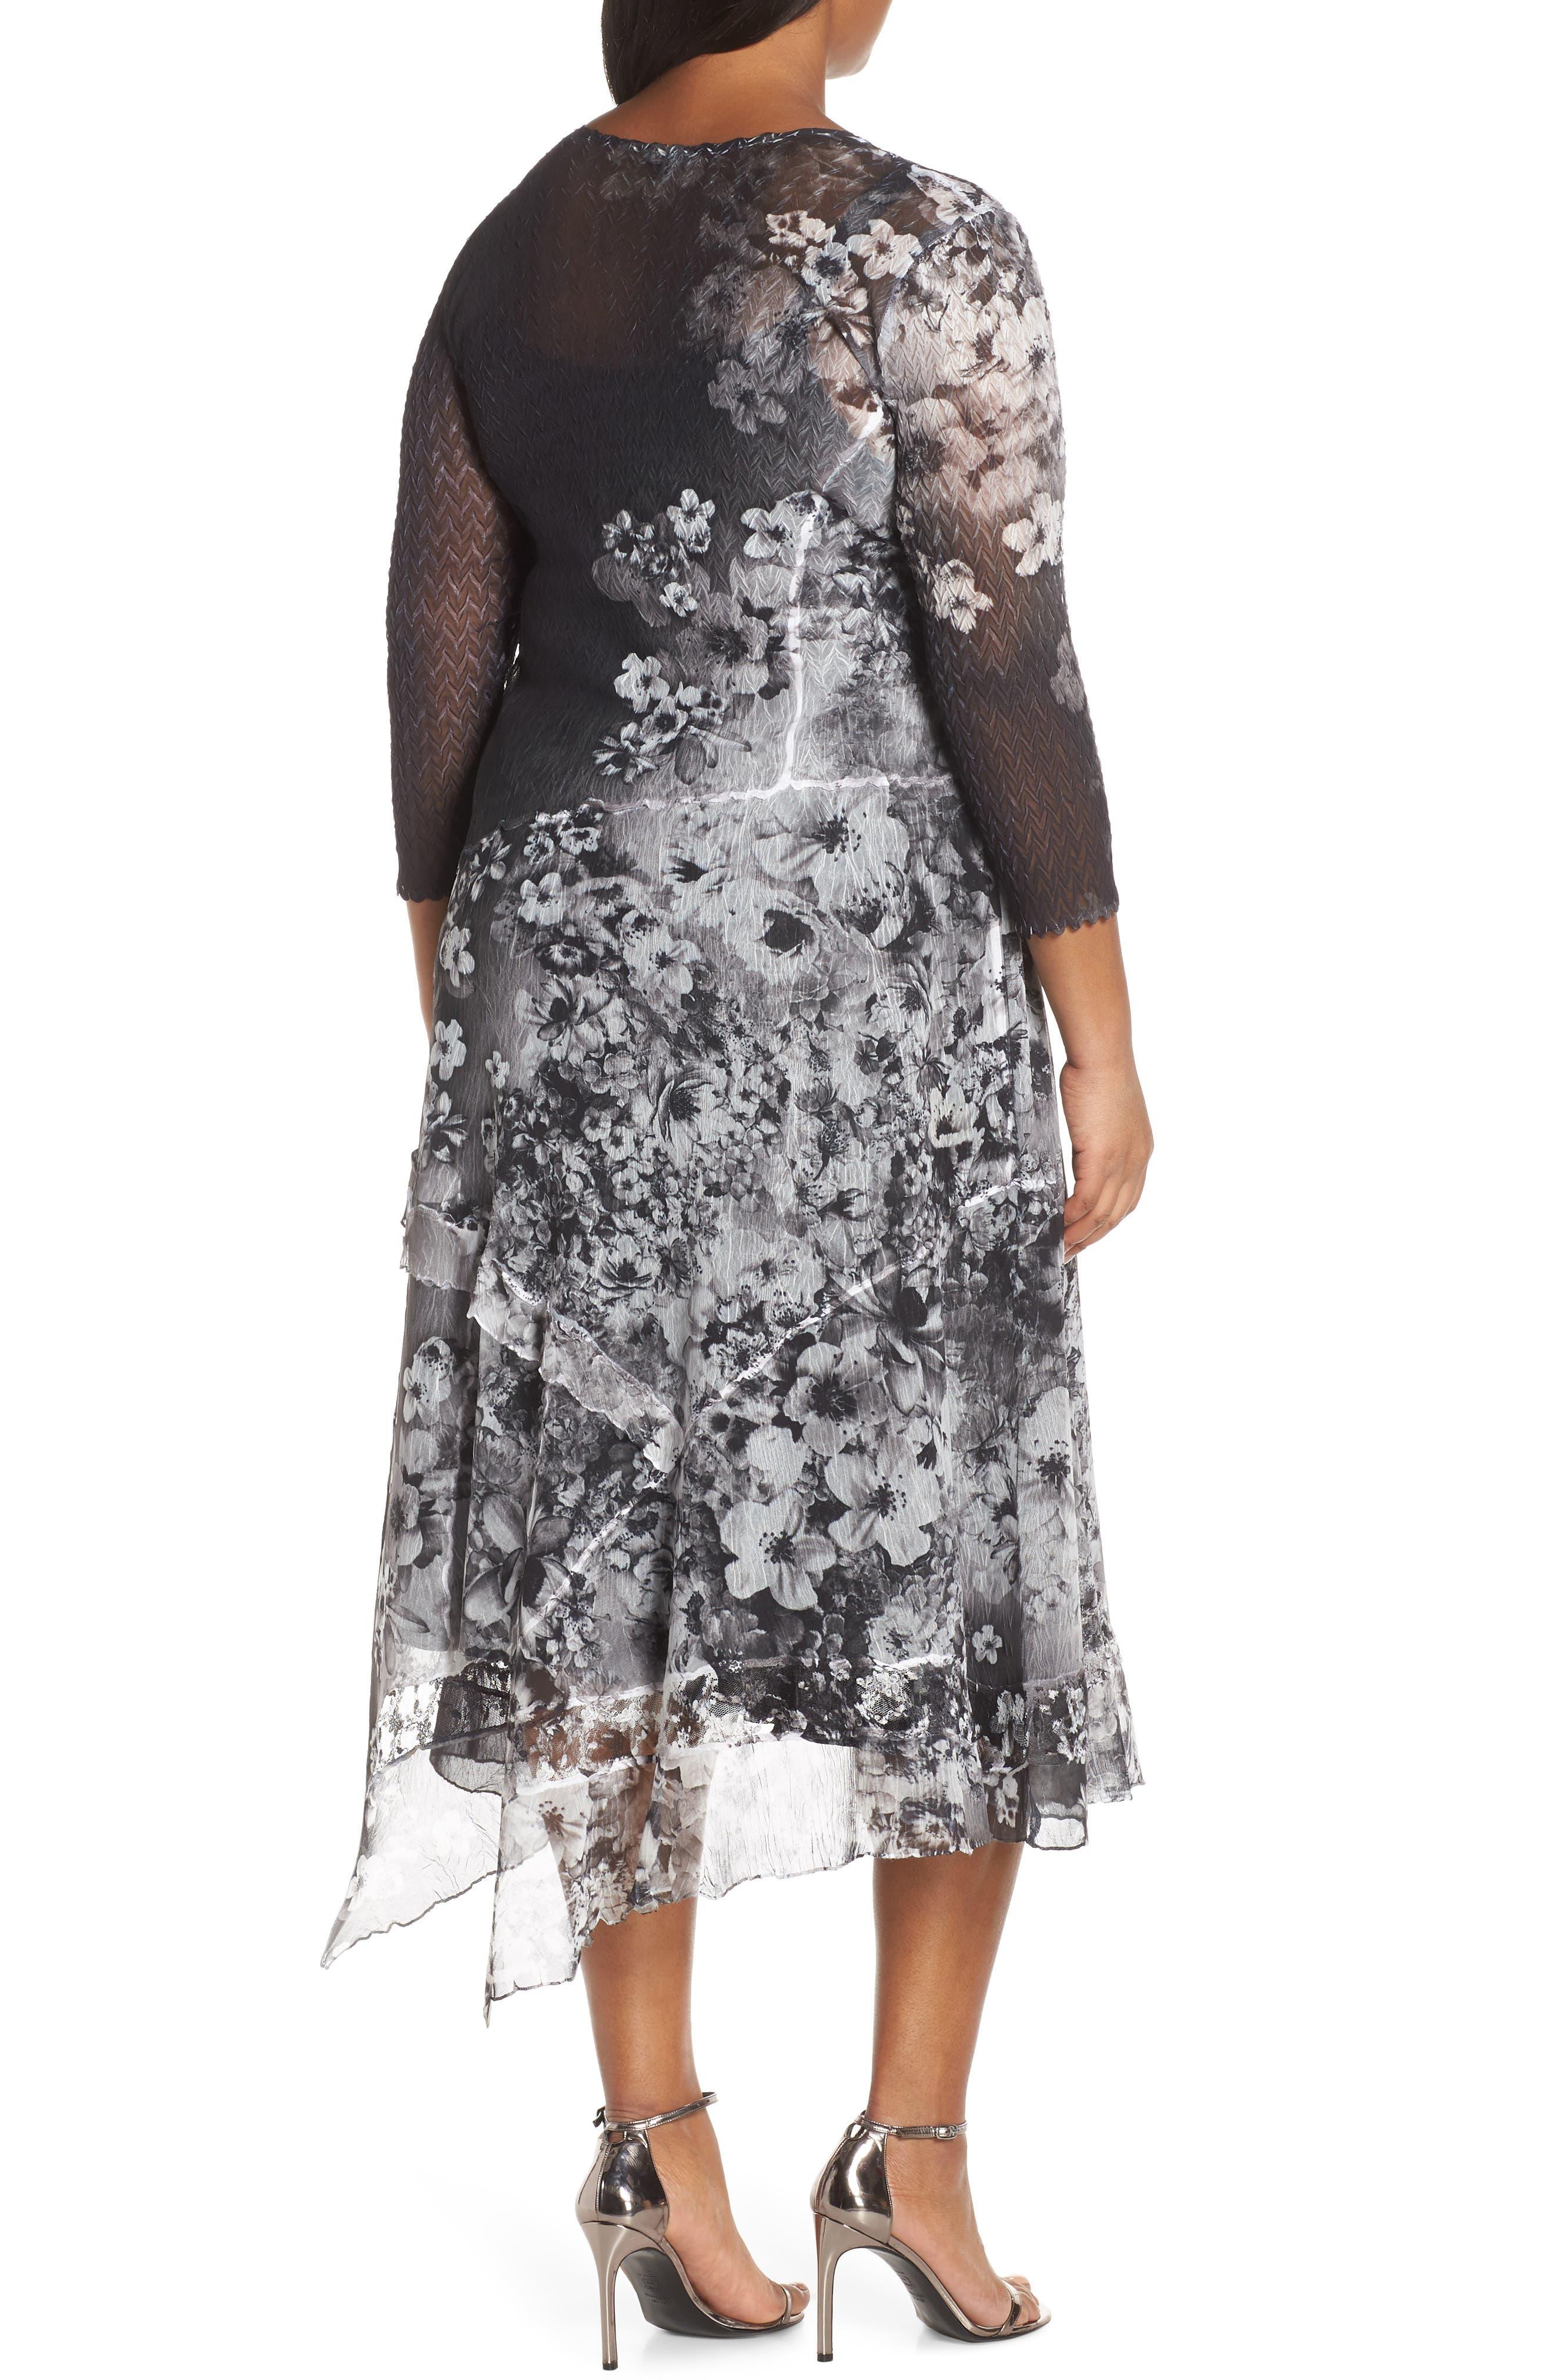 KOMAROV, Handkerchief Hem Cocktail Dress, Alternate thumbnail 2, color, MOONLIGHT BLOOM